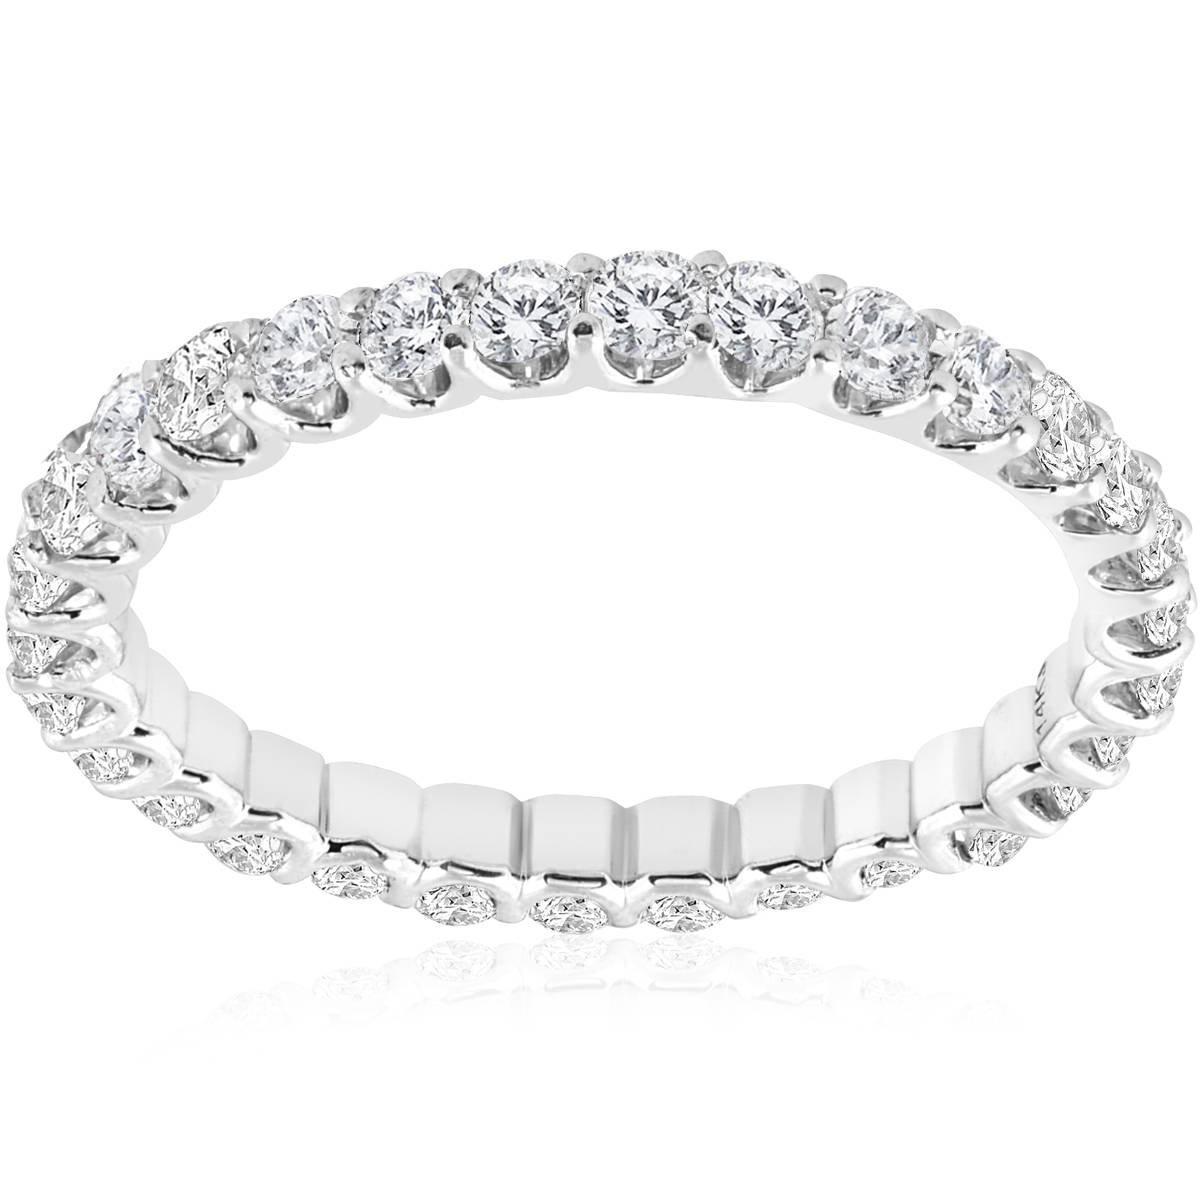 1 1/2 cttw Diamond Eternity Ring U Prong 14k White Gold Wedding Band - Size 7